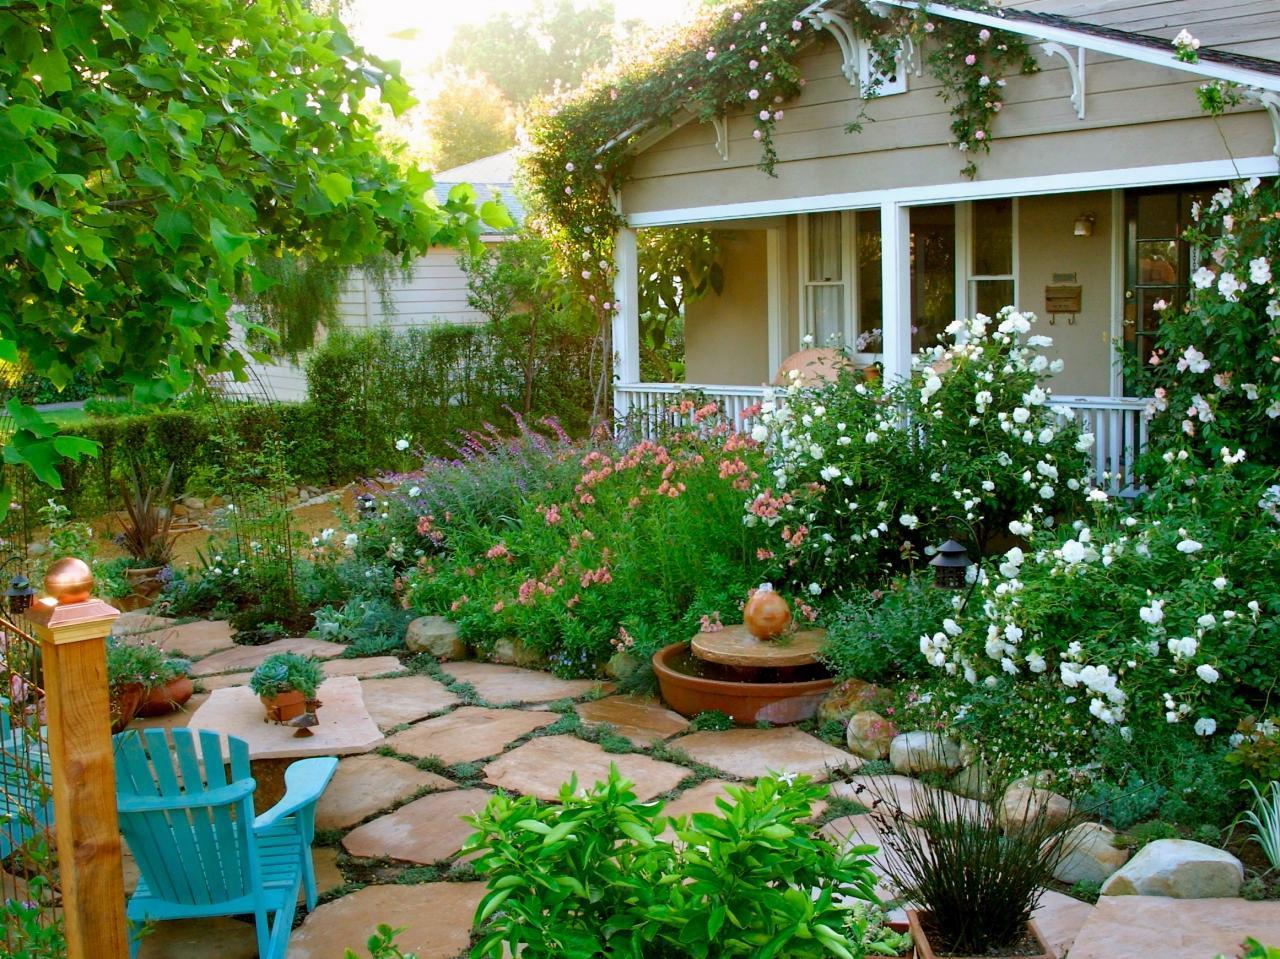 Lên ý tưởng thiết kế sân vườn đẹp cho người mới xây nhà 03